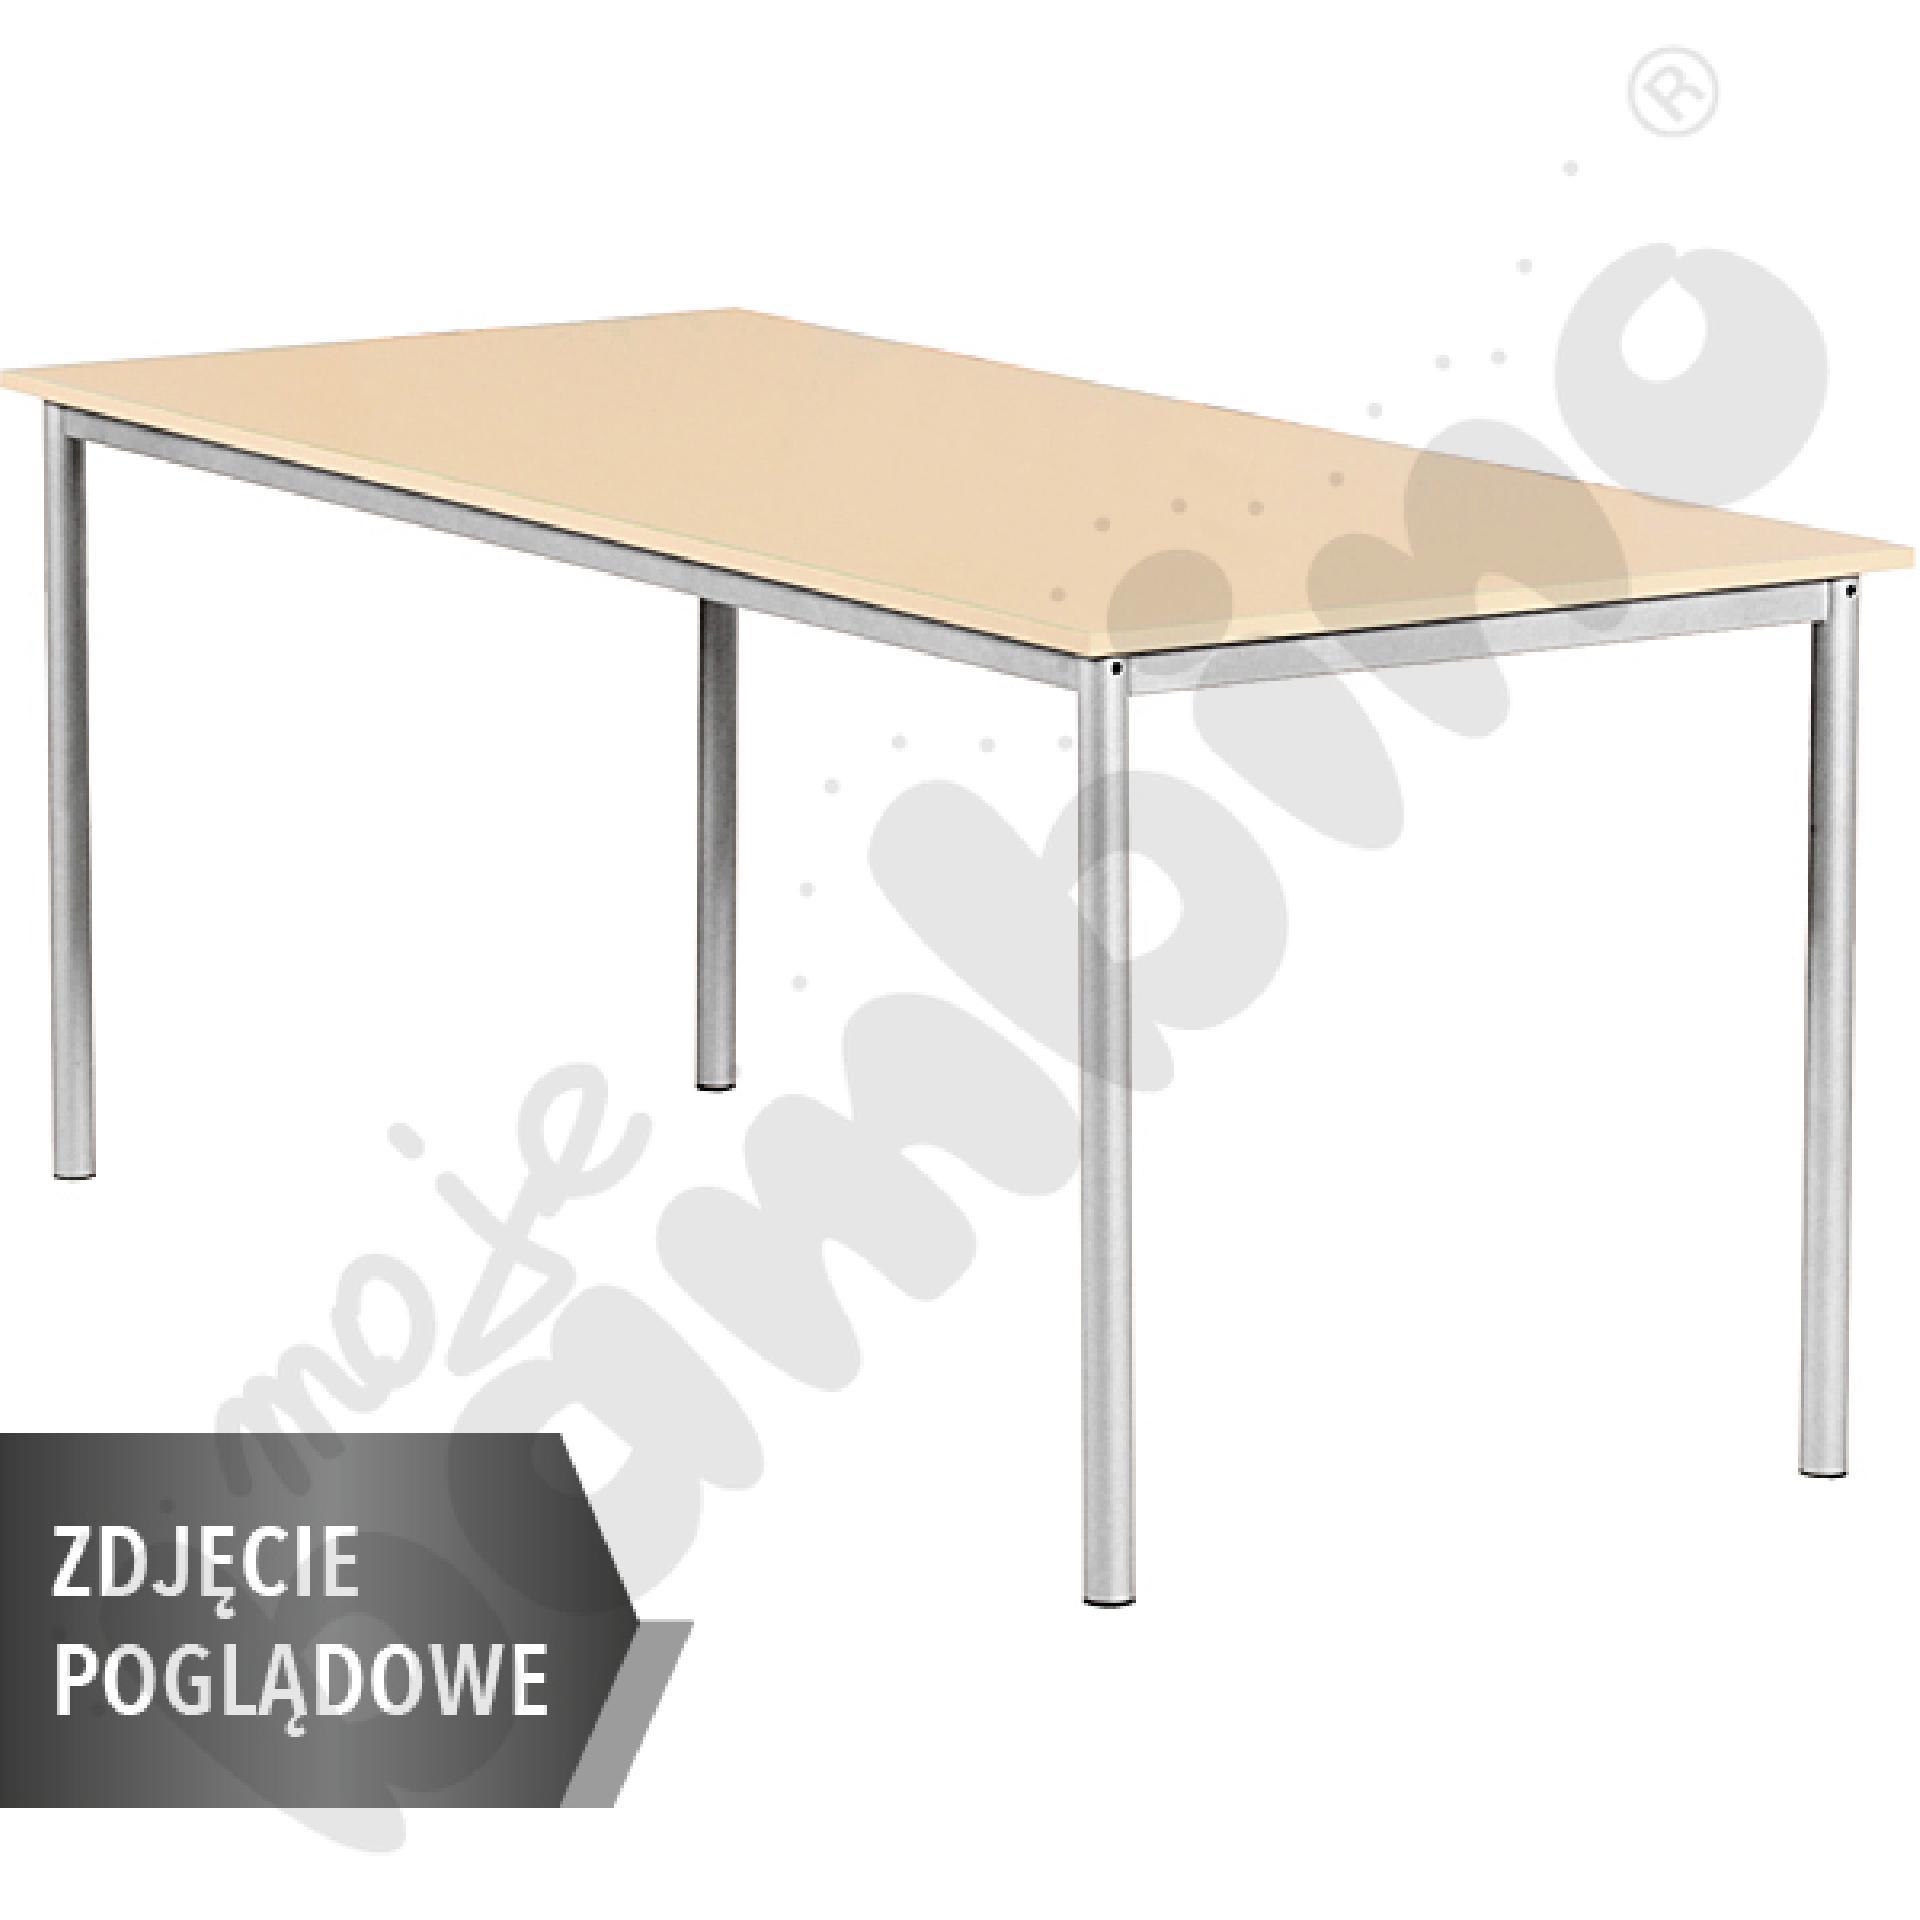 Stół Mila 160x80 rozm. 1, 8os., stelaż czarny, blat brzoza, obrzeże ABS, narożniki proste